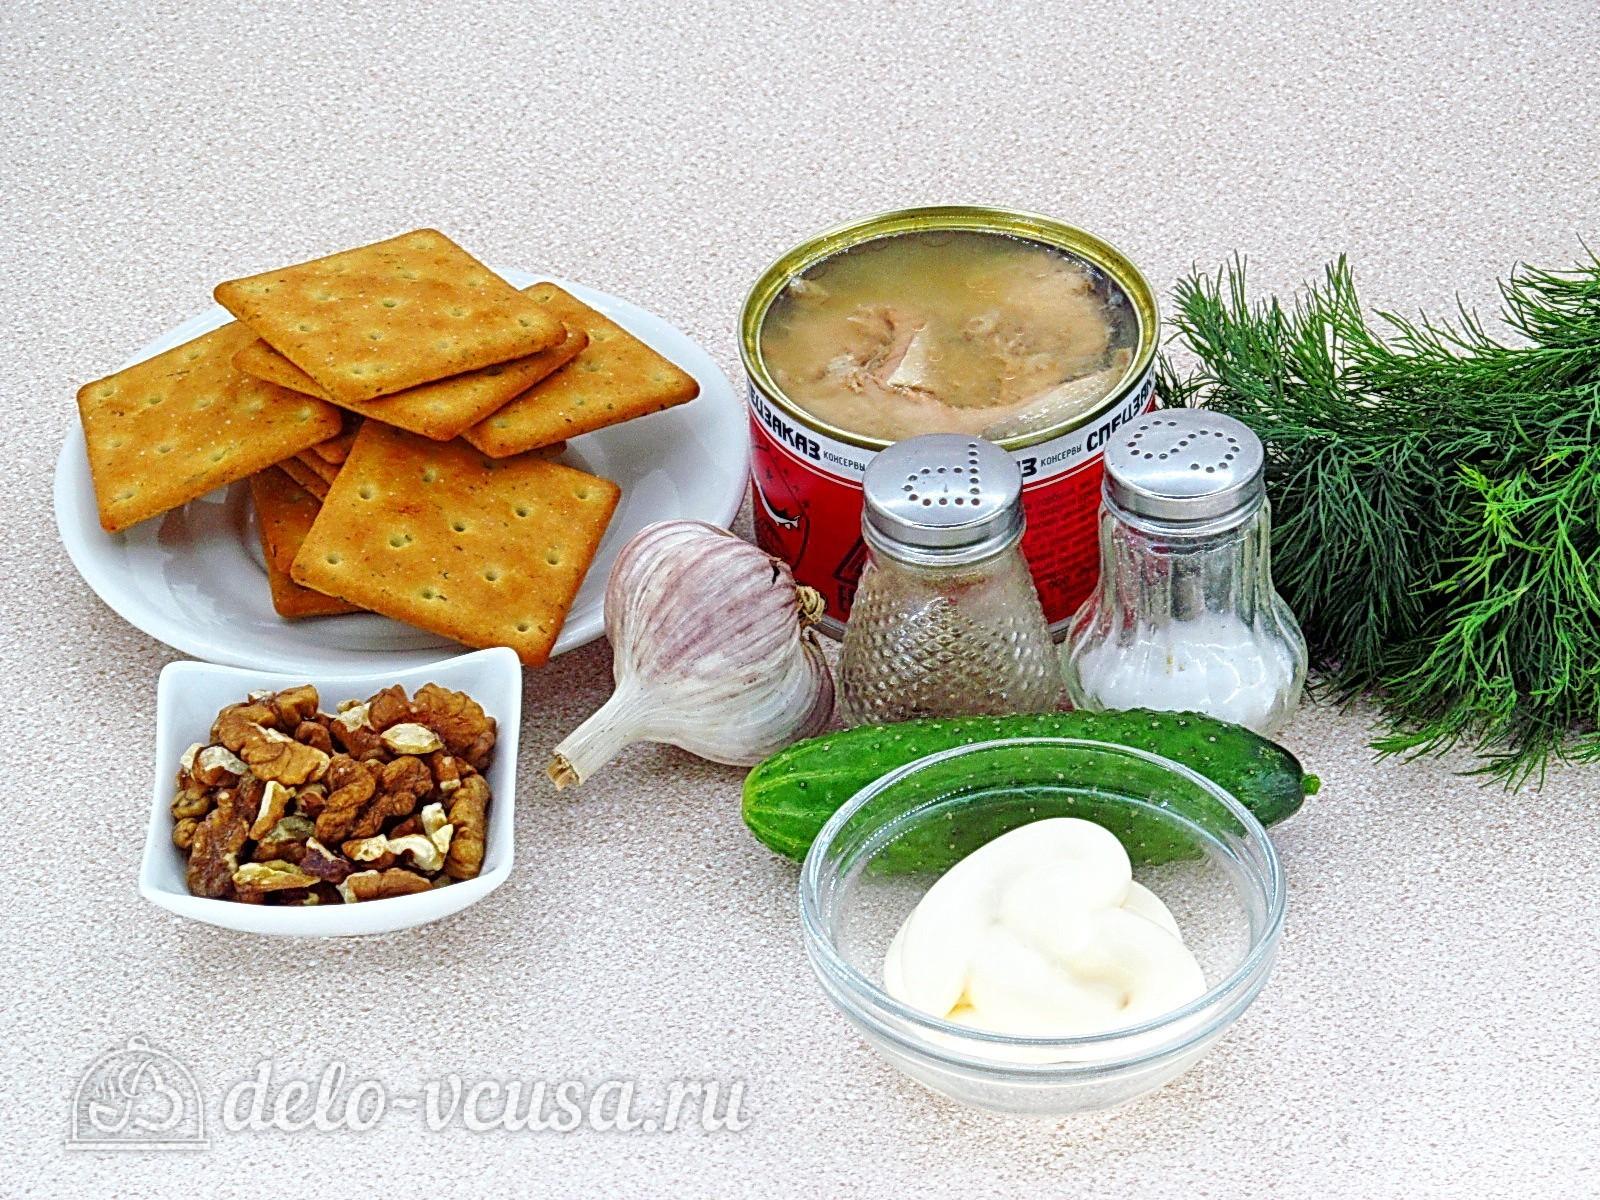 Закуска на крекерах из рыбных консервов: Ингредиенты